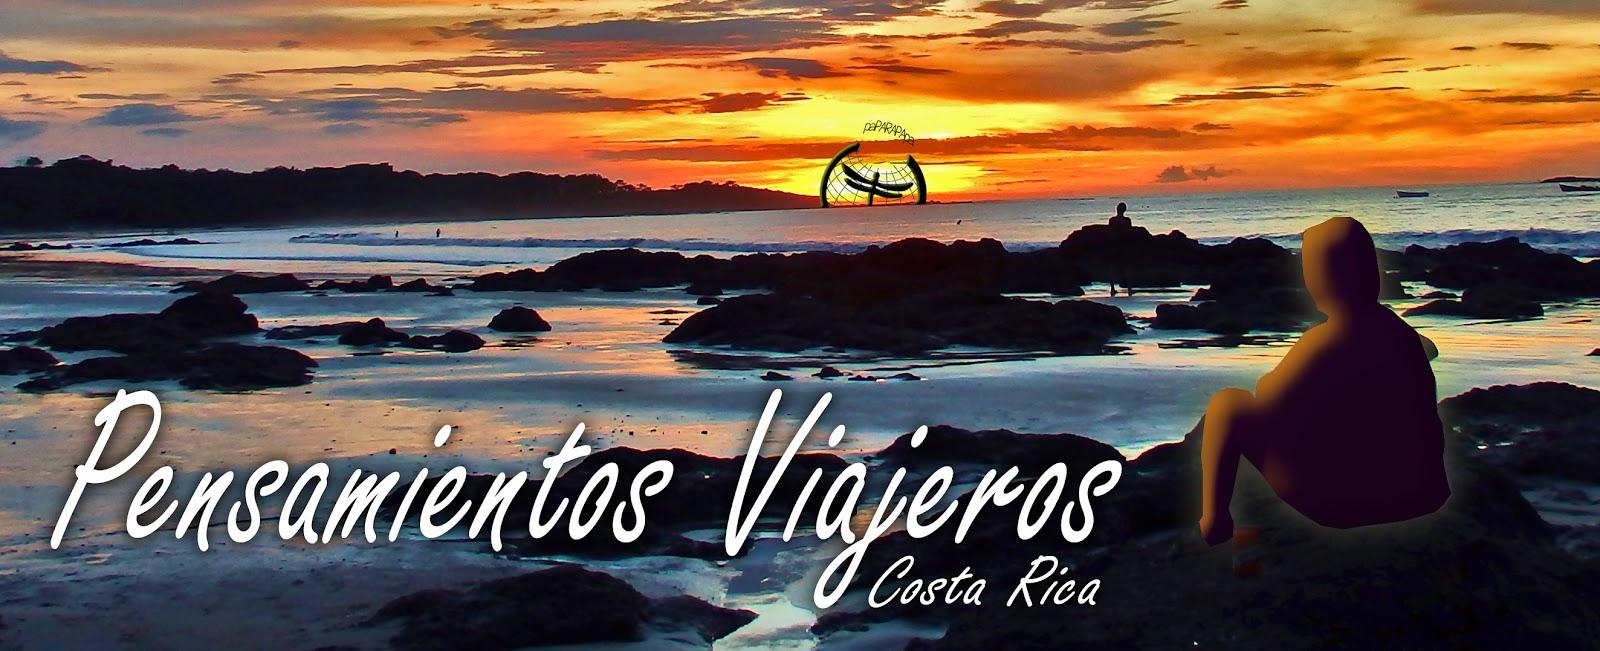 Pensamientos y Reflexiones surgidas en nuestro camino por Costa Rica